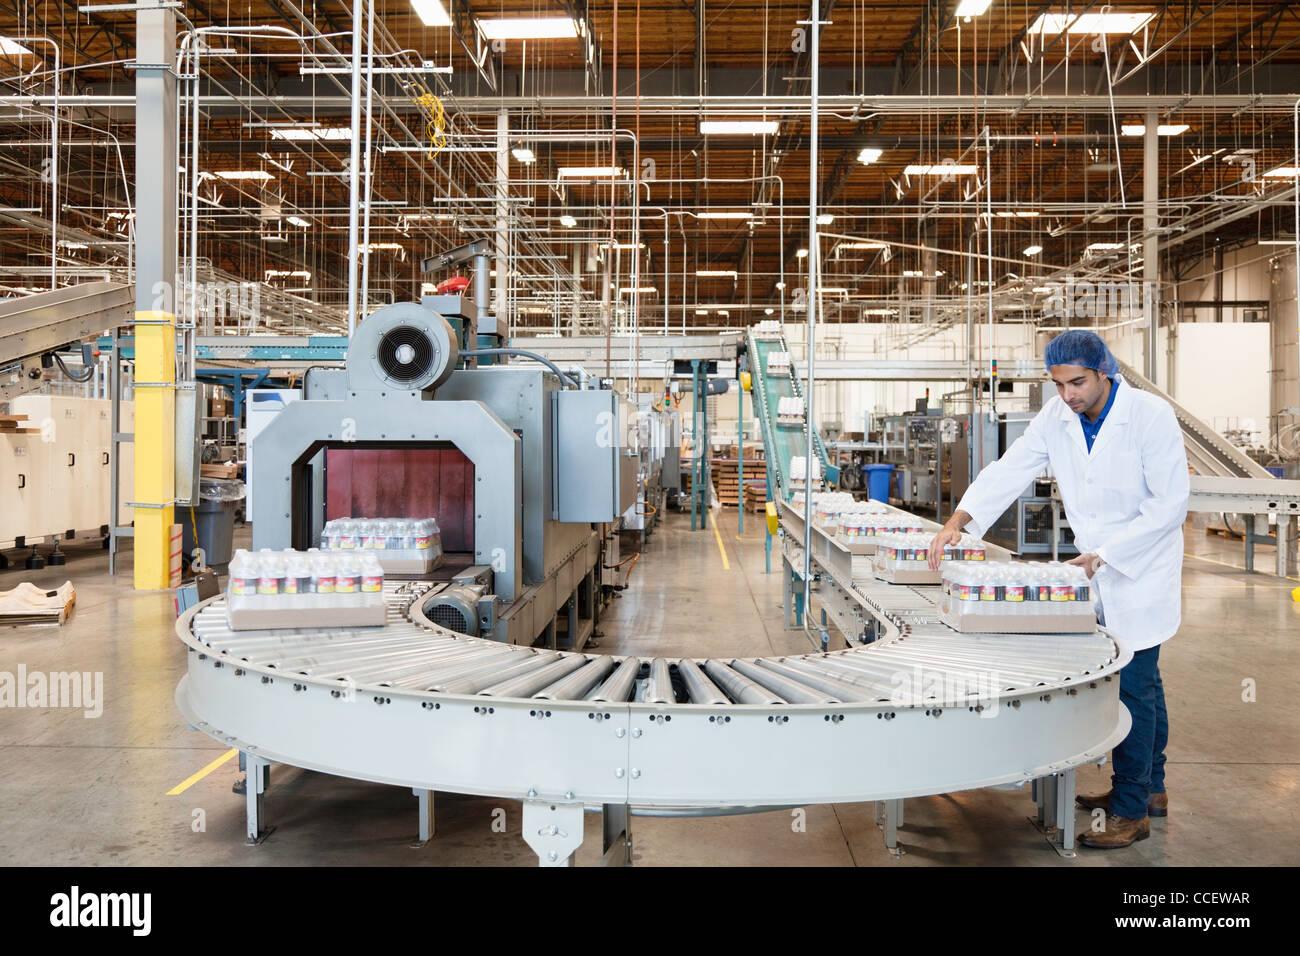 Uomo che lavora nella fabbrica di imbottigliamento Immagini Stock